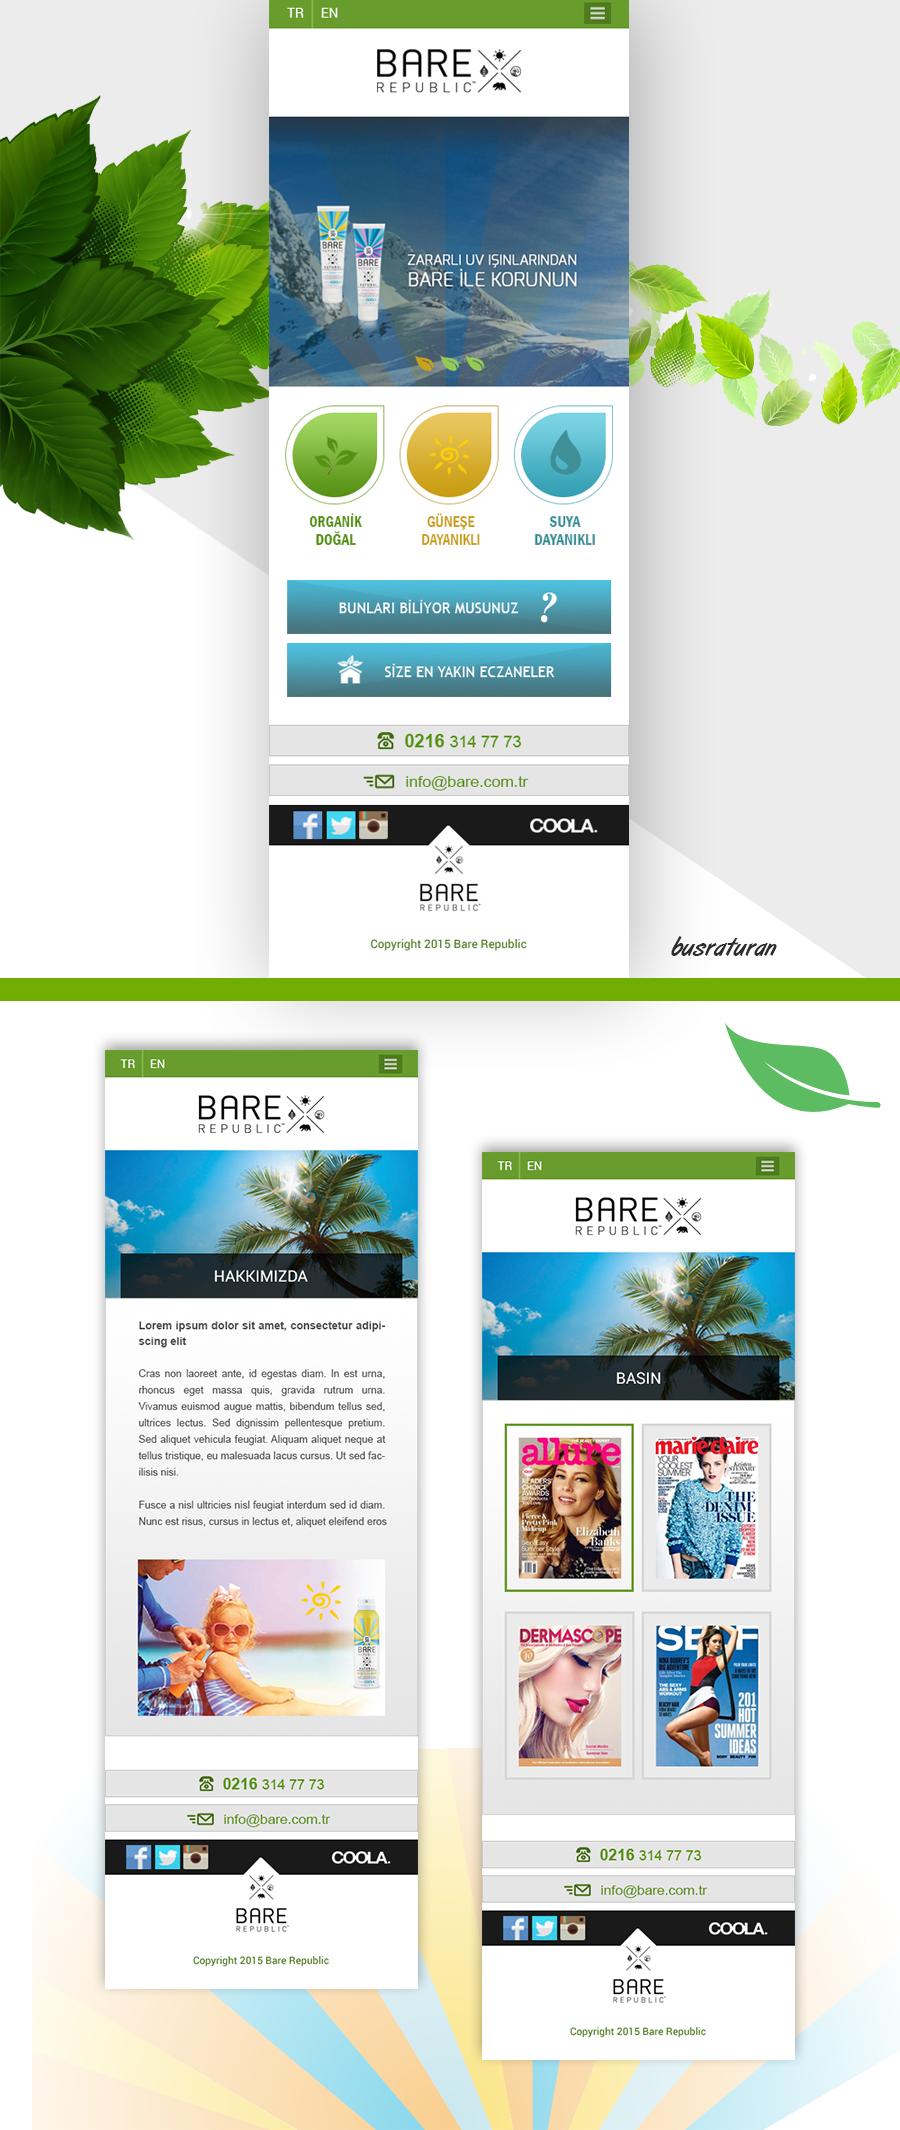 mobile web design mobil design mobile web